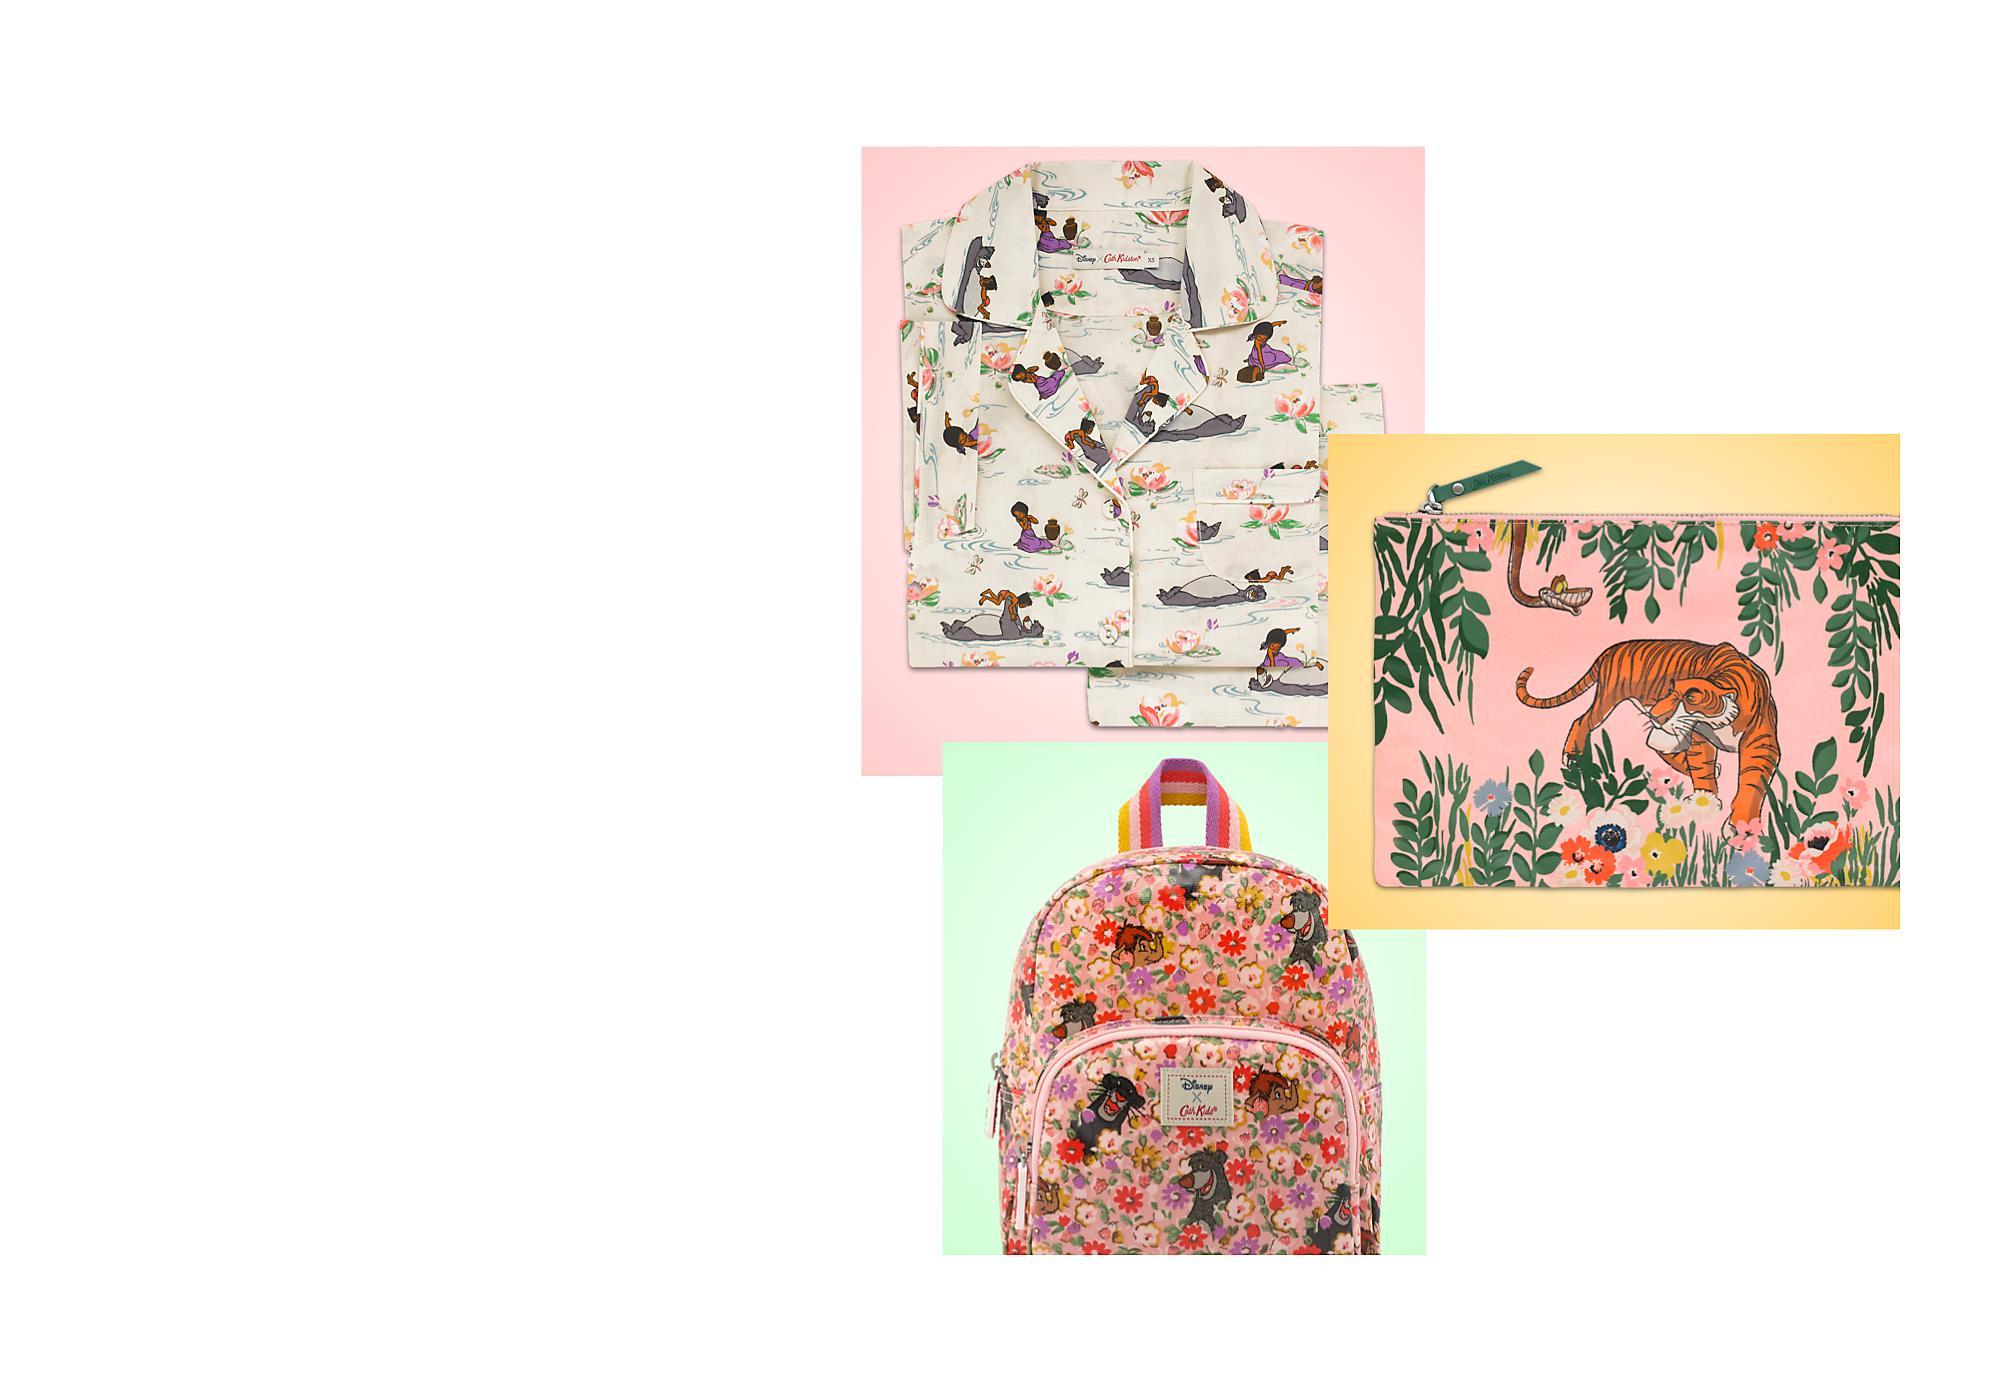 Buscá lo más vital Descubre la  colección de ropa, complementos y accesorios para el hogar, de Cath Kidston inspirada en la película de El libro de la selva de Disney